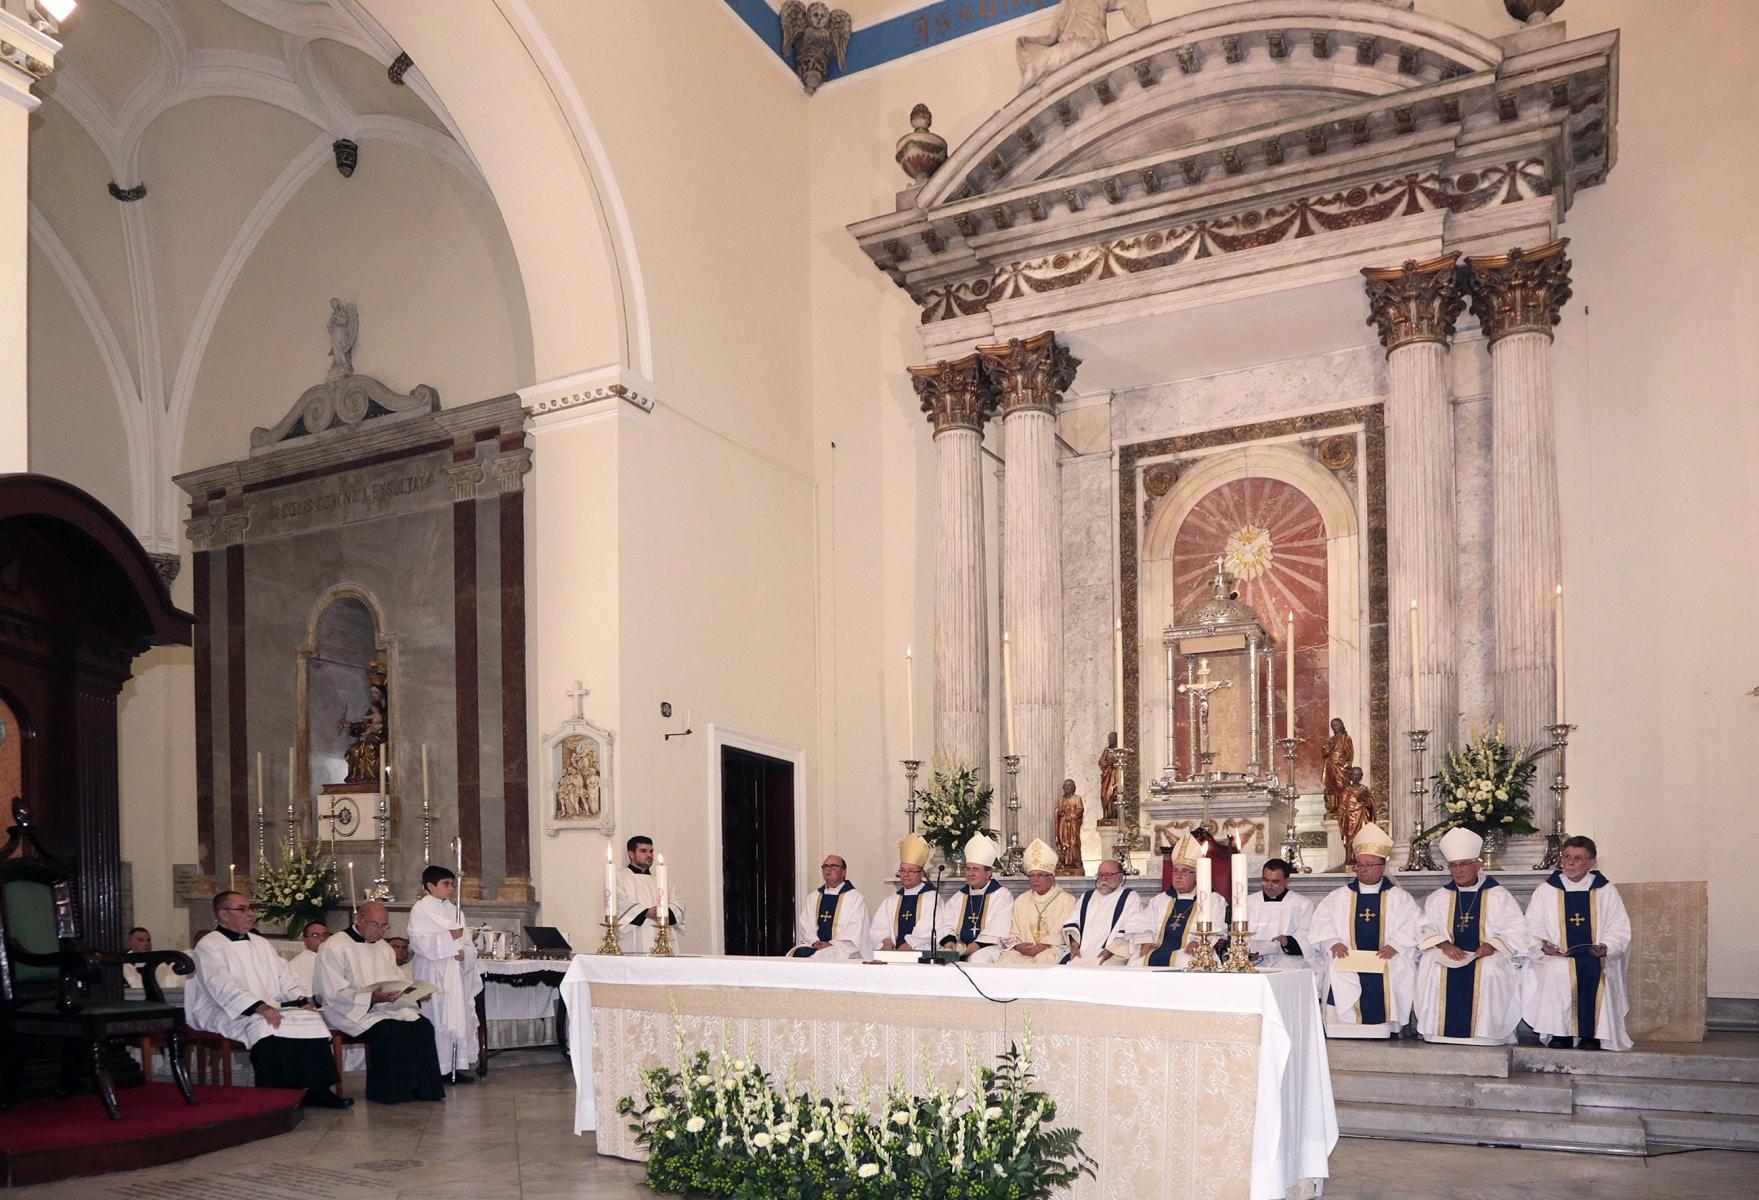 24-sep-2016-toma-de-posesin-de-carmelo-zammit-del-cargo-de-obispo-de-gibraltar_29959238165_o